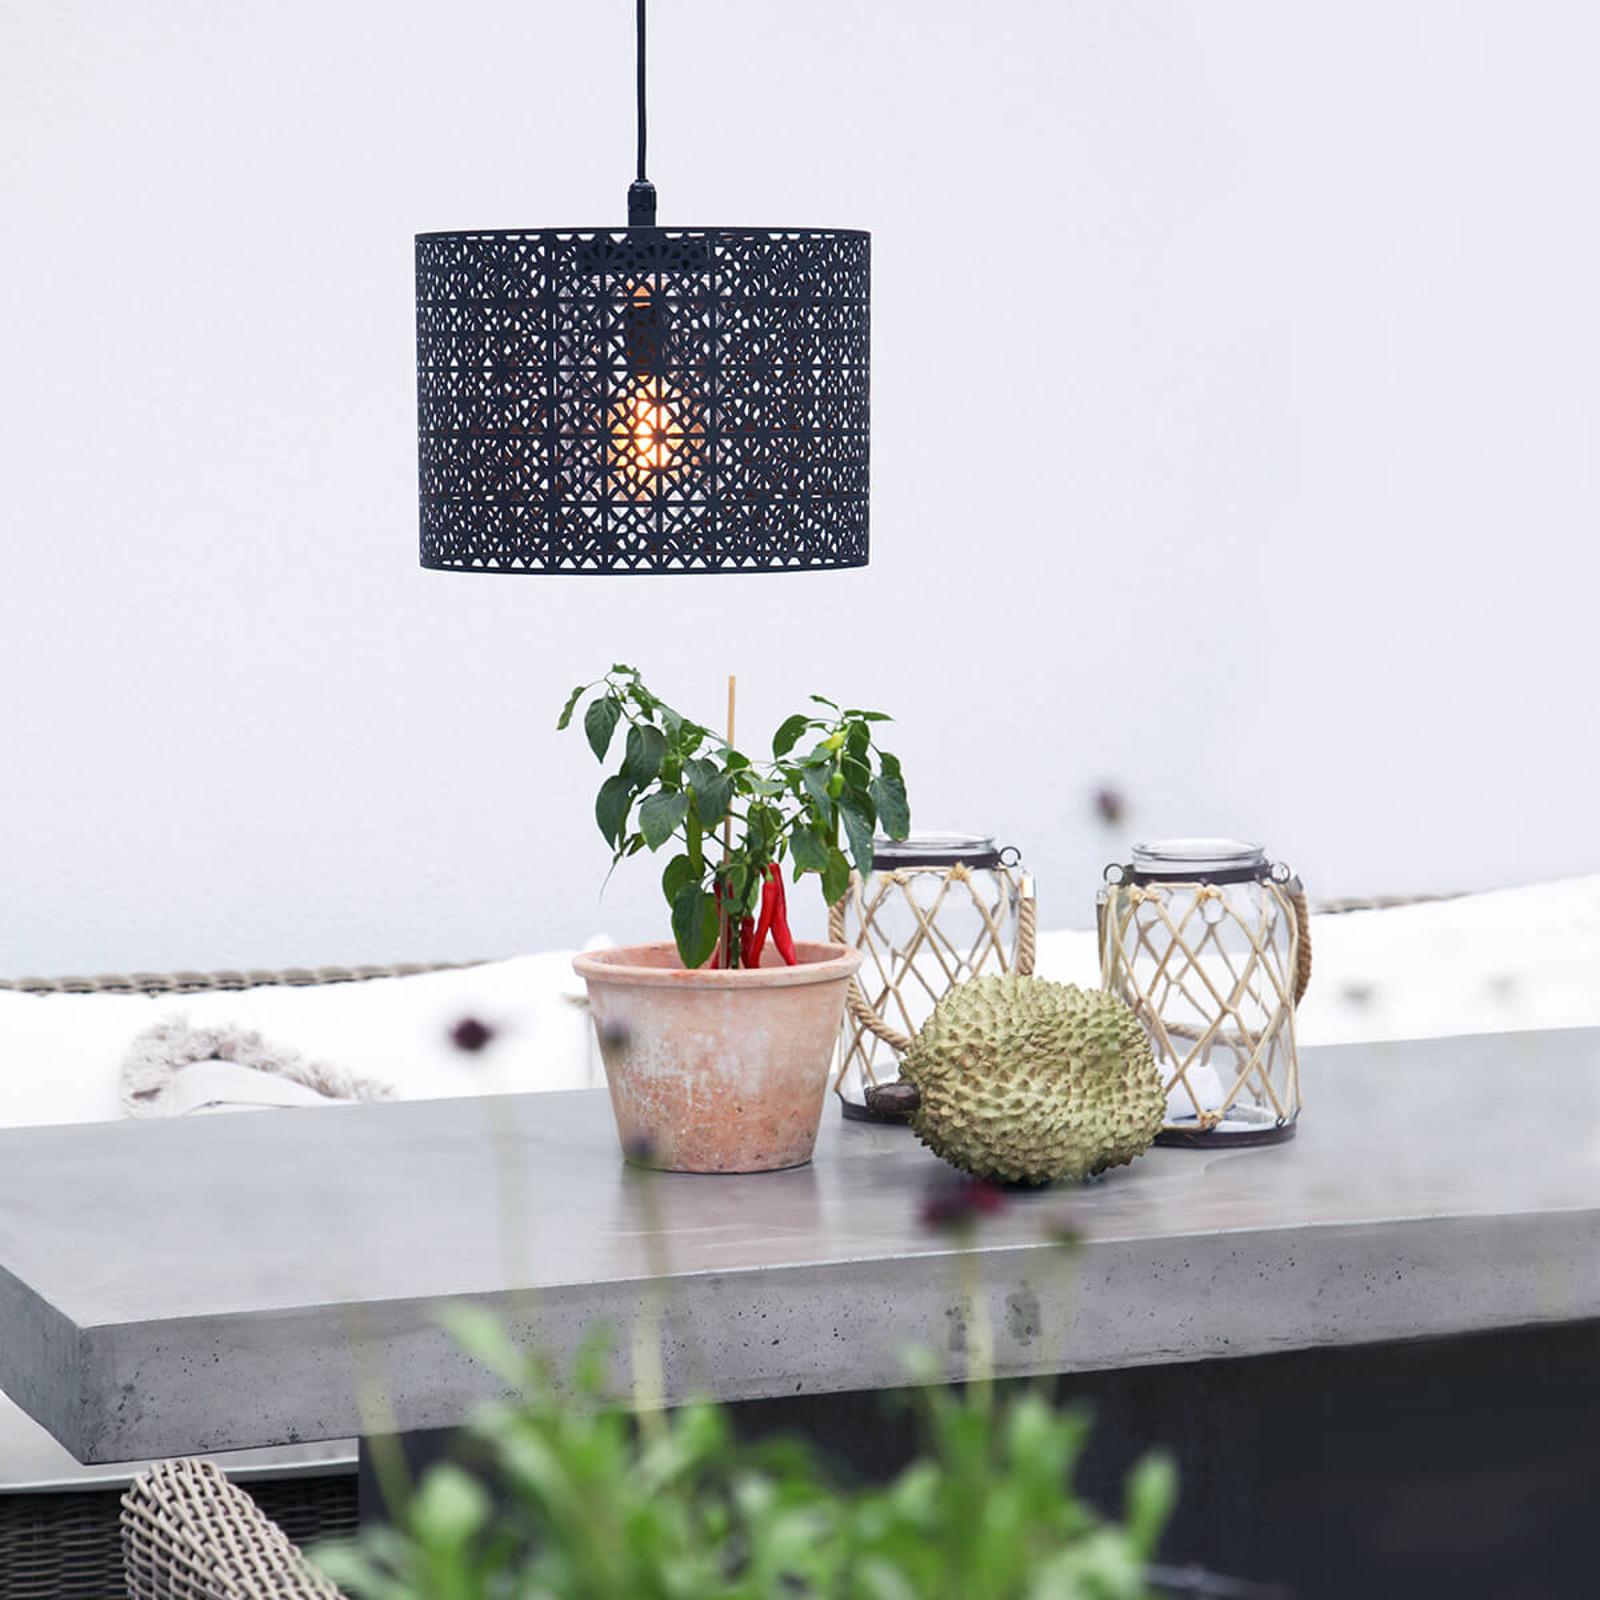 Rydéns Maison hanglamp voor buitengebruik